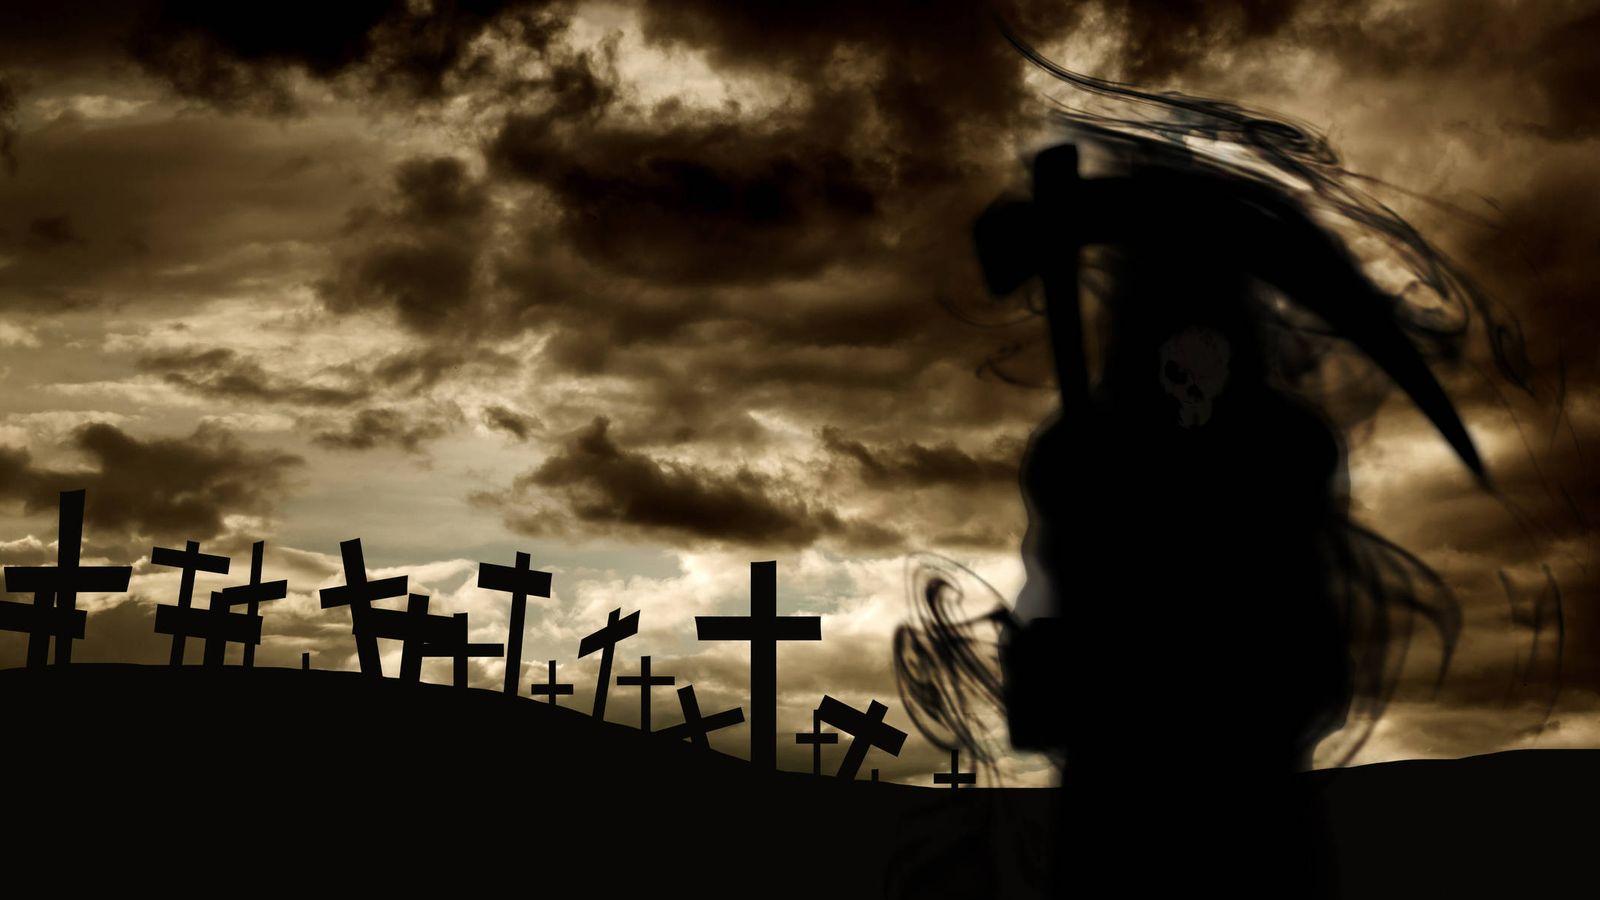 Qué Significa Realmente Soñar Con Tu Propia Muerte